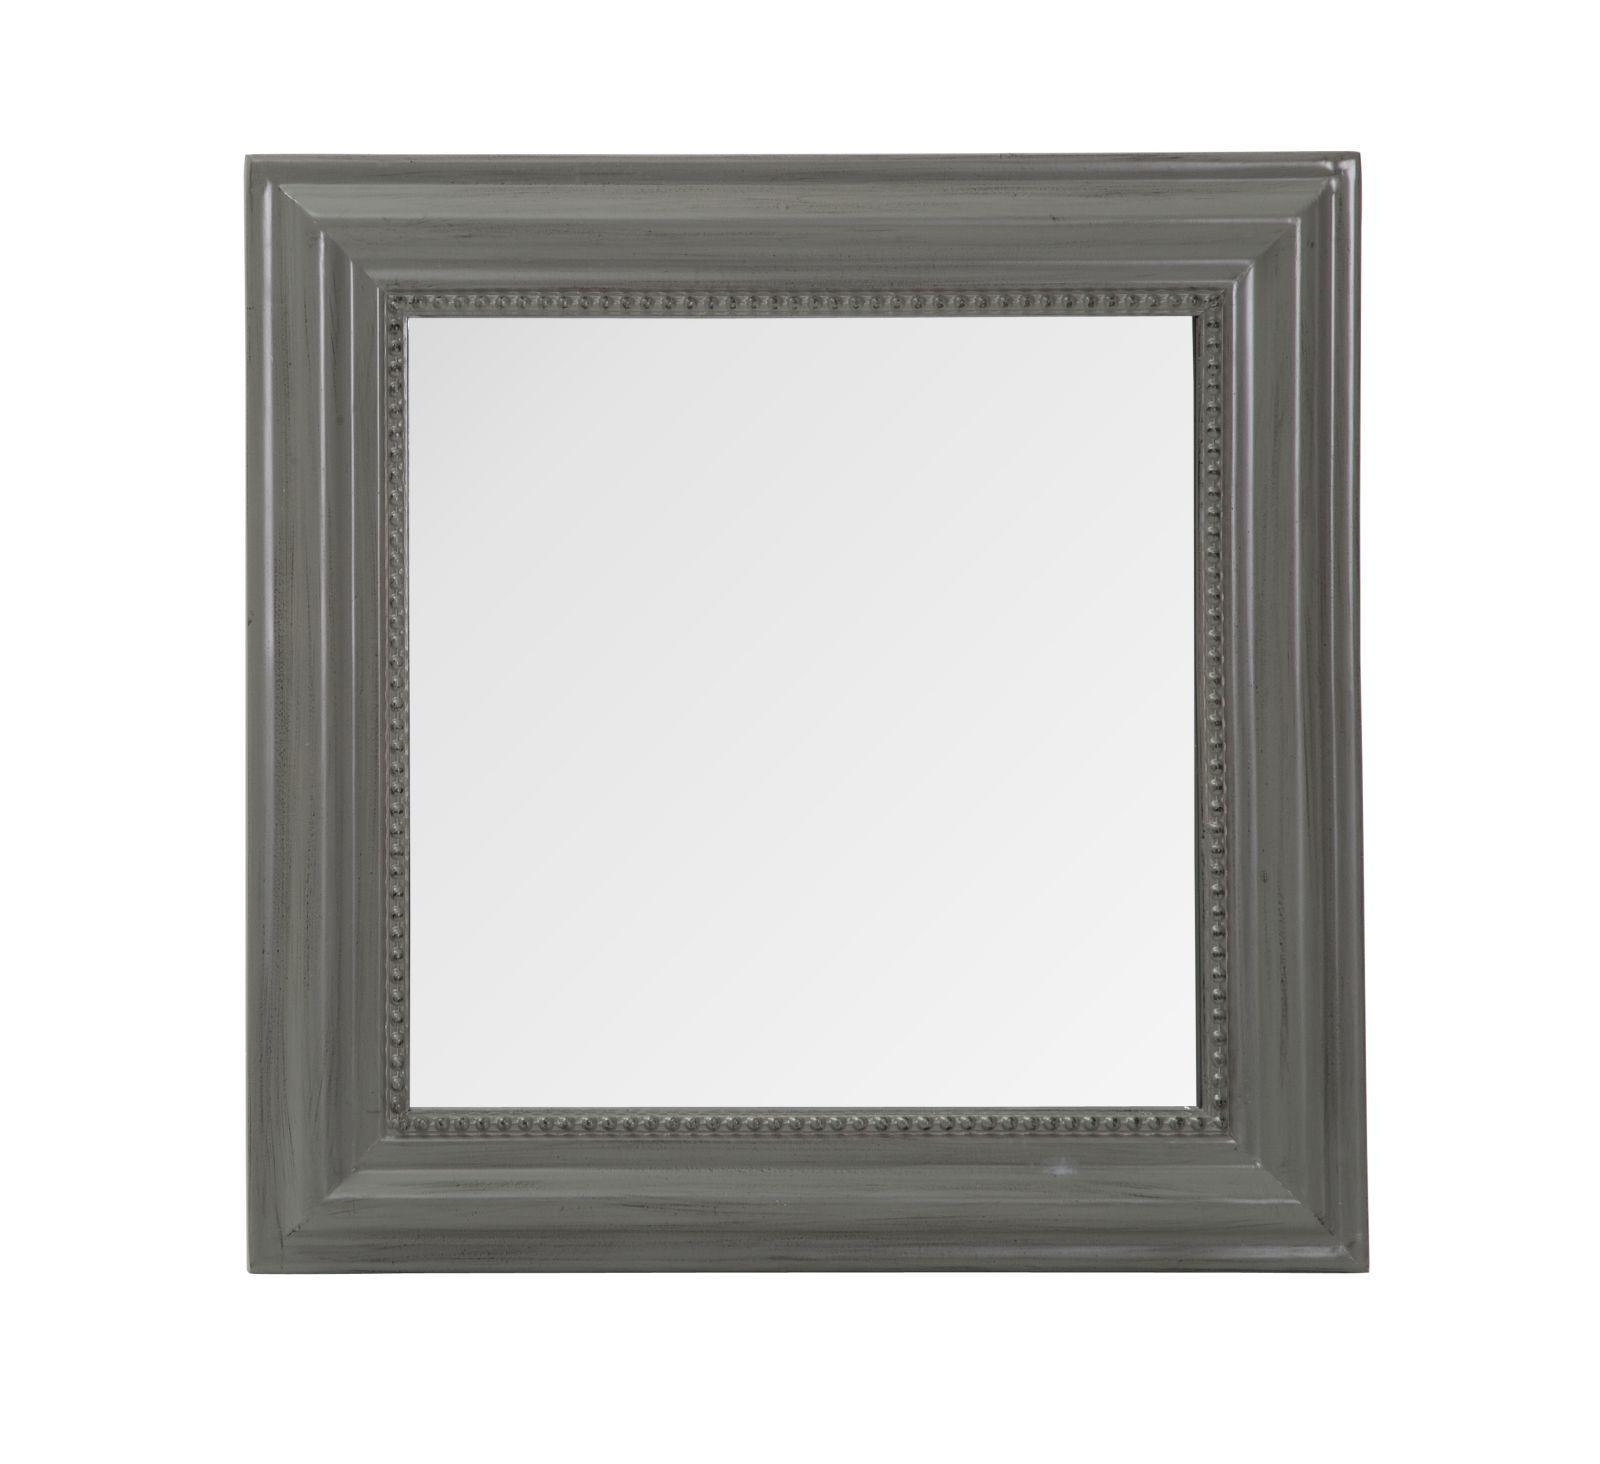 Specchio Da Muro Tolone Picc Cm 40x40x3 Min 2 Prodotti